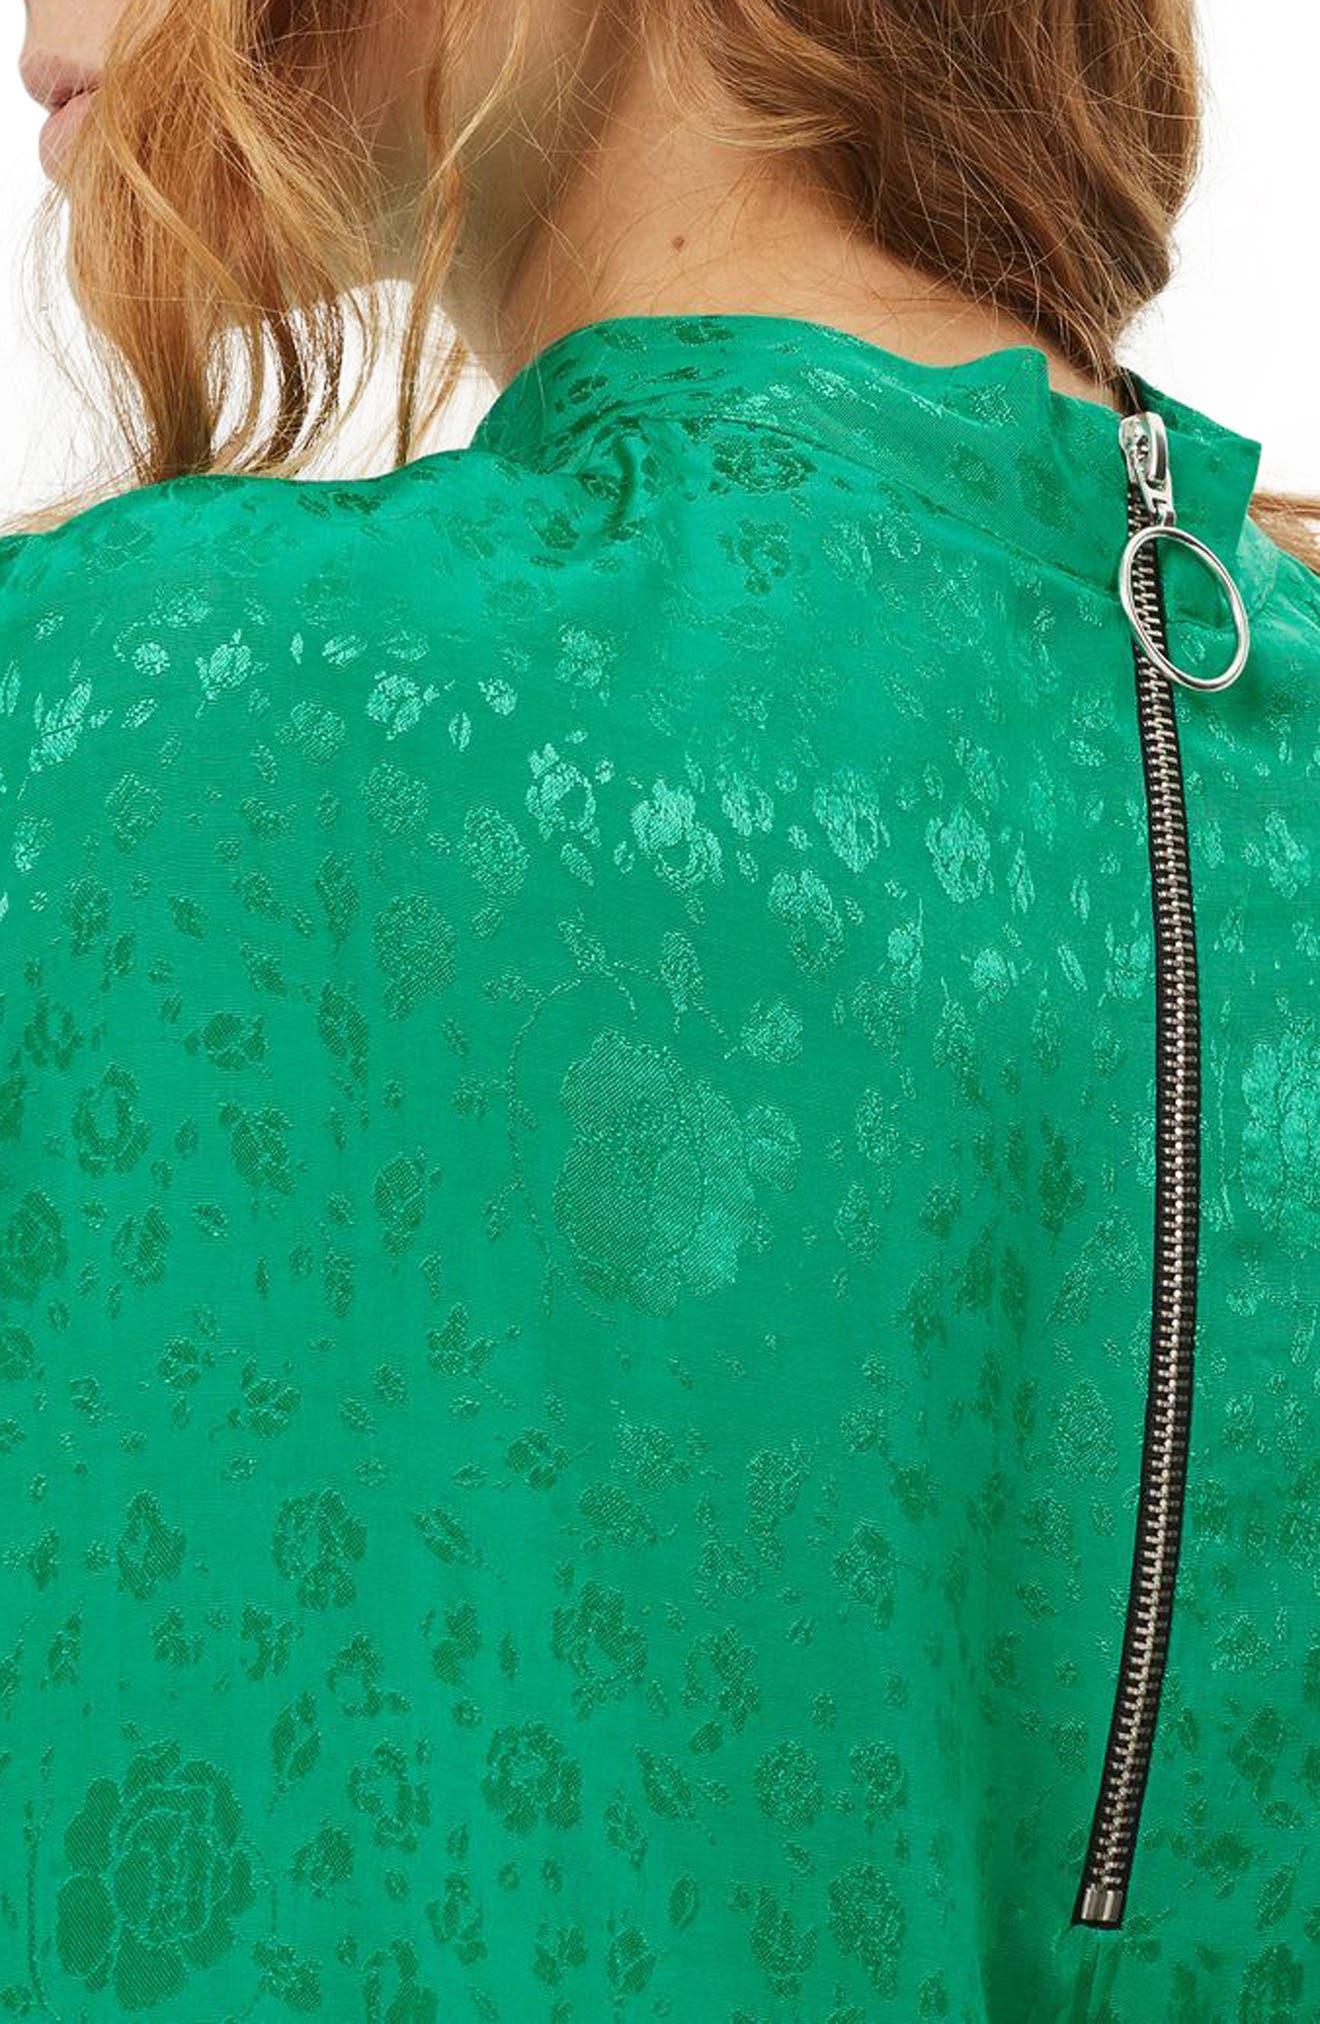 Jacquard Kimono Sleeve Top,                             Alternate thumbnail 3, color,                             320